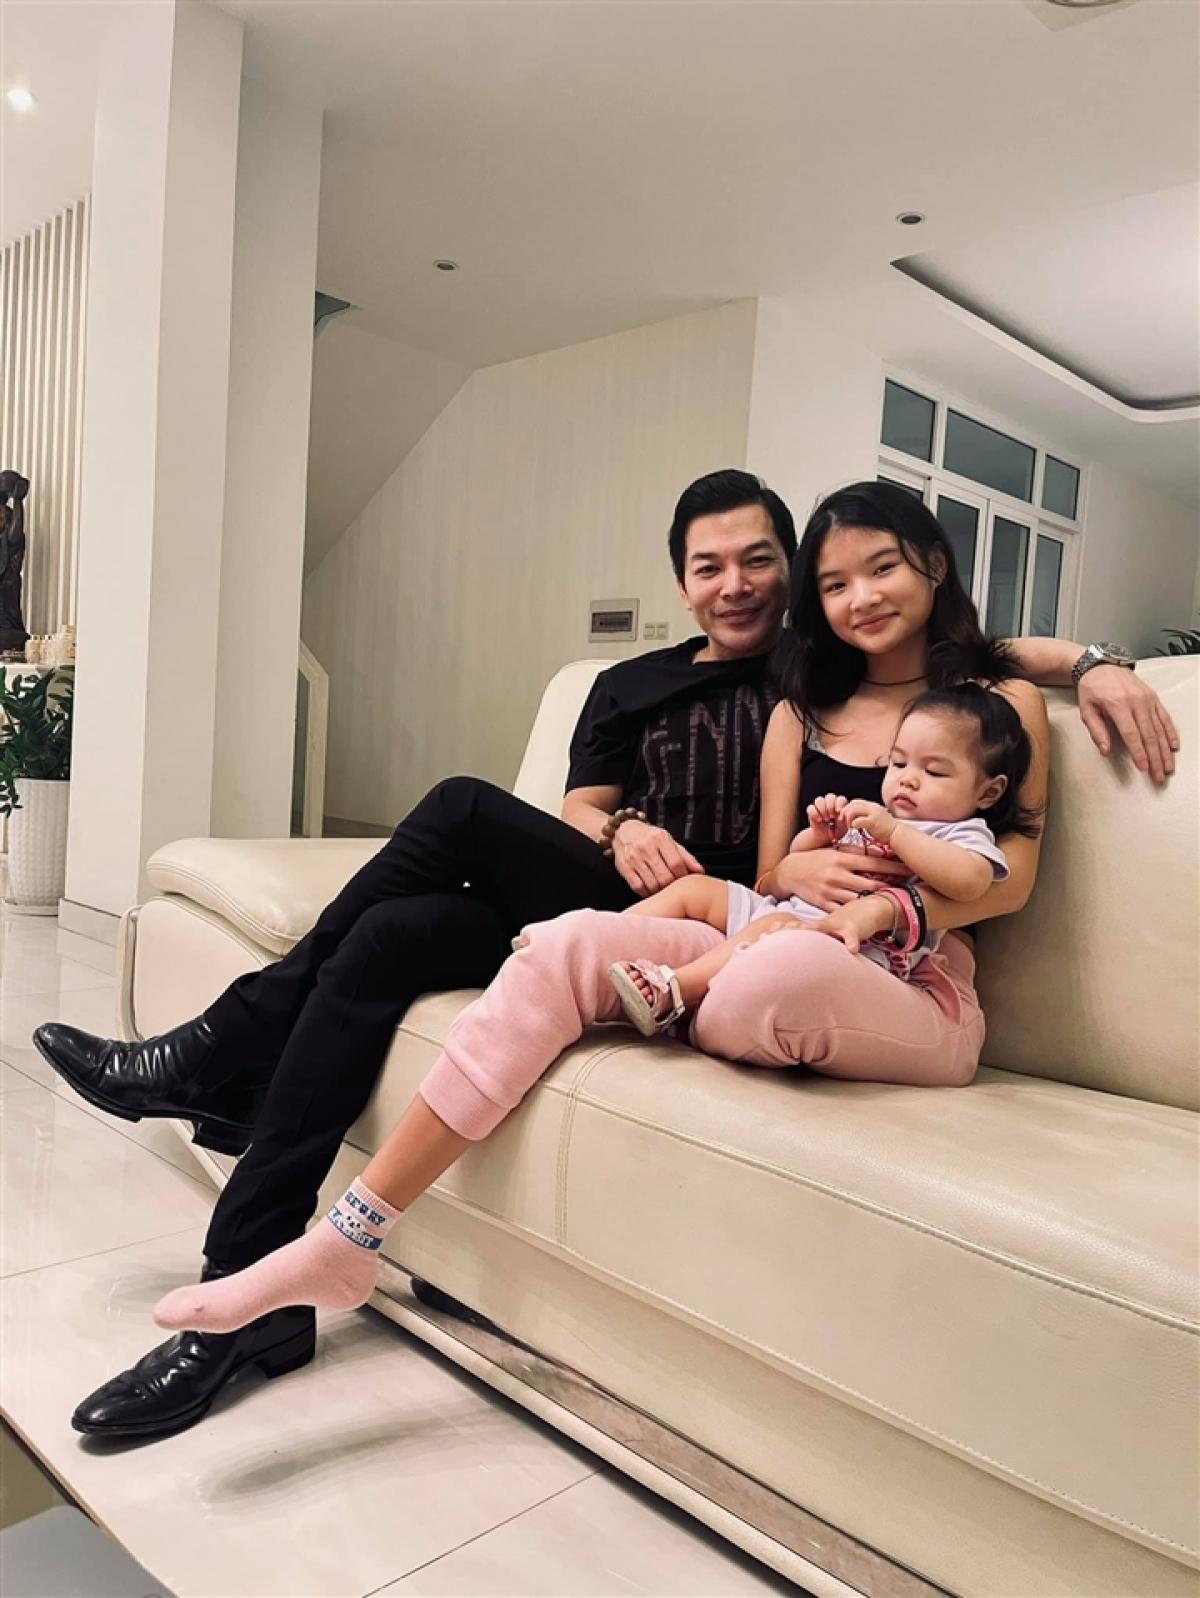 Diễn viên Trần Bảo Sơn mới đây hạnh phúc chia sẻ hình ảnh hai cô con gái của anh thân thiết bên nhau, công khai việc có con gái thứ 2. Trước đó, anh có một con chung với nữ diễn viên Trương Ngọc Ánh, tên là Devon Trần.